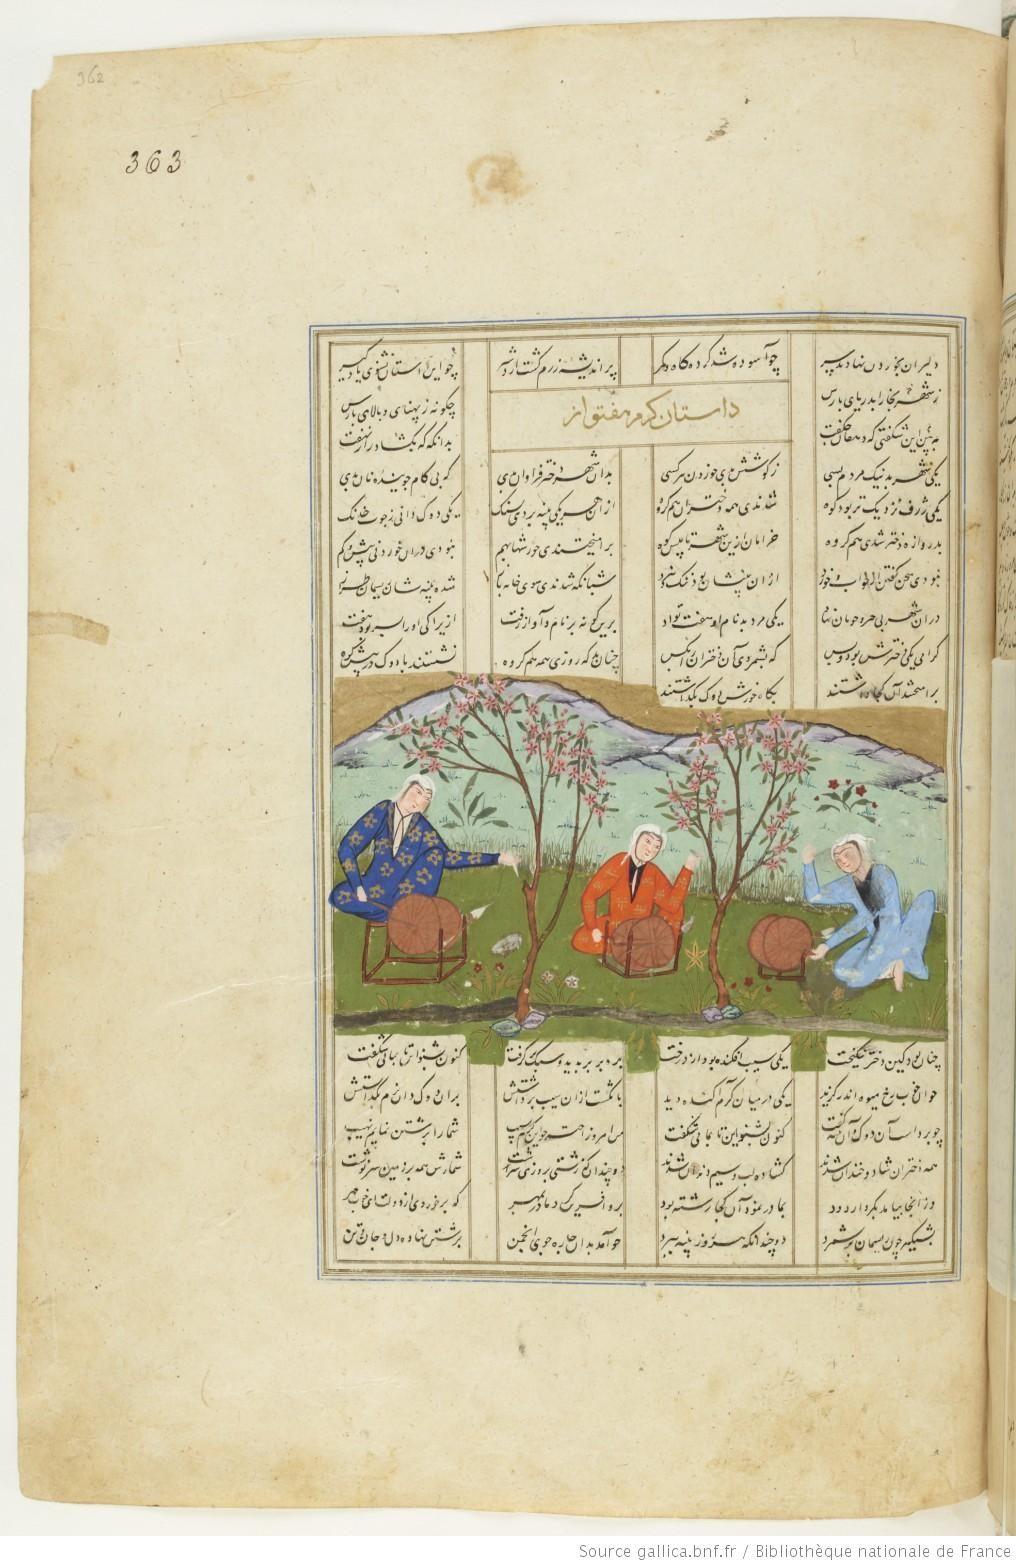 Recueil De Deux Manuscrits Epiques Du Sahnama Persian Miniature Plant Fibres Vintage World Maps